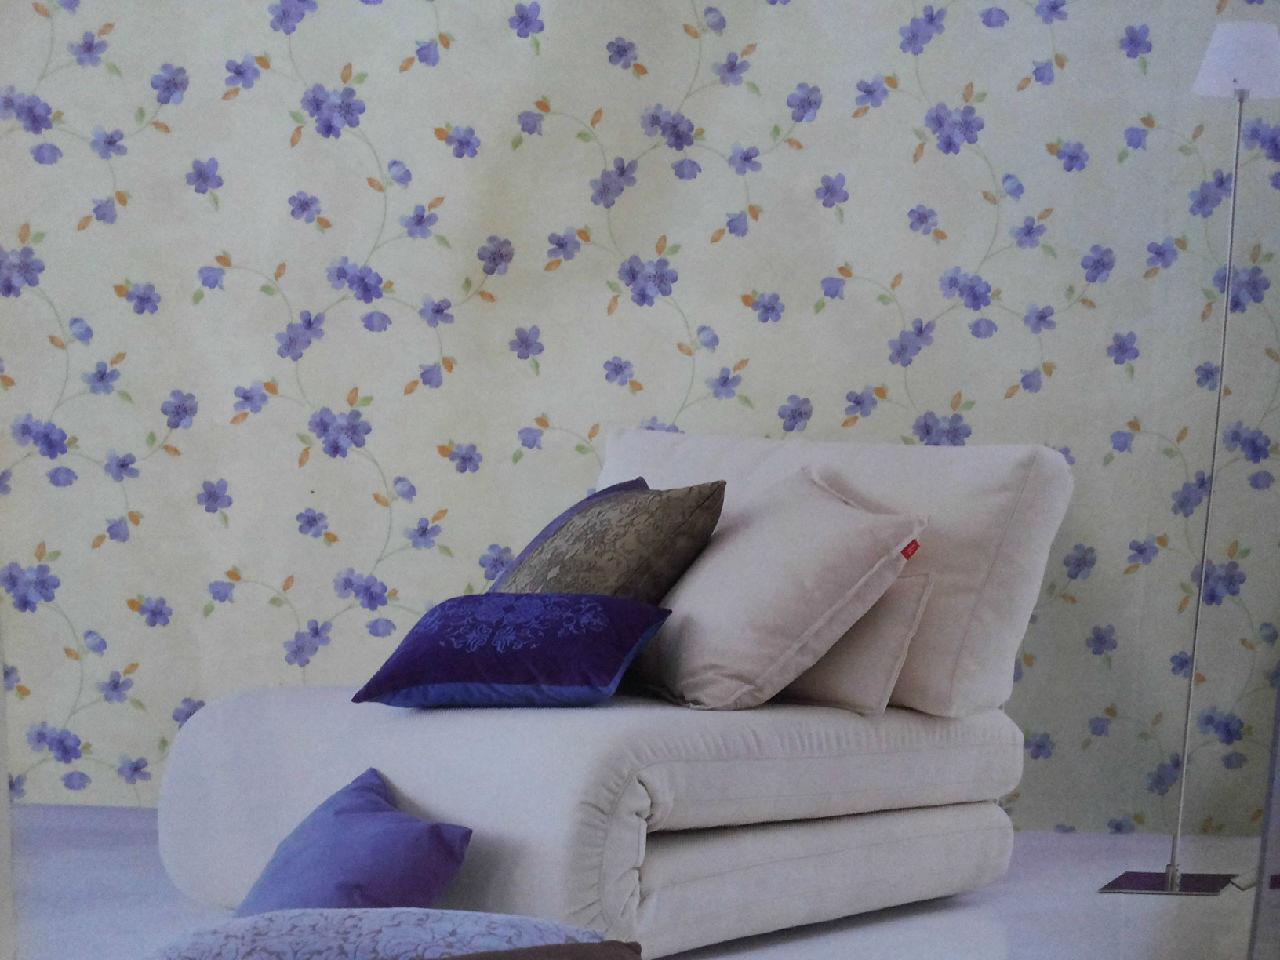 韩式田园风格电视背景墙柔情似水的碎花墙纸烘   电视墙背